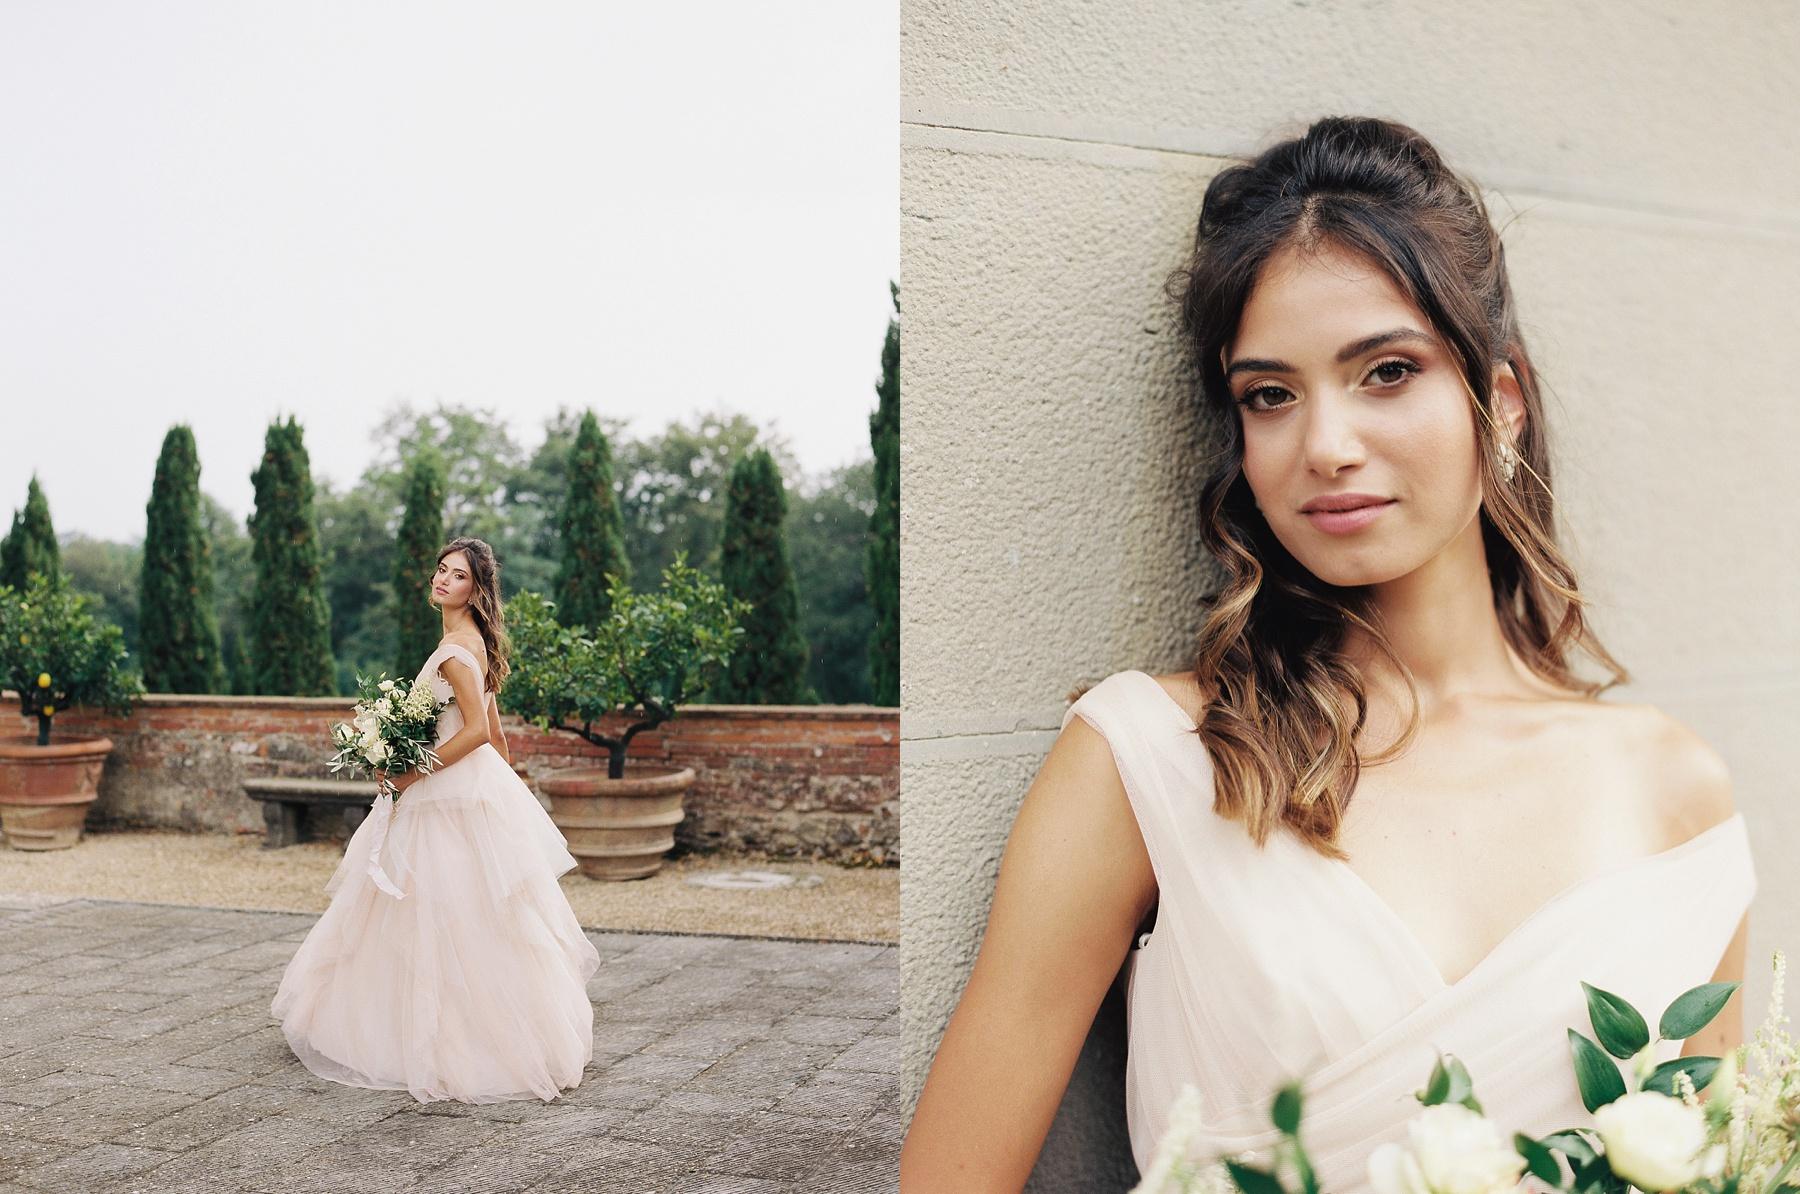 Il Borro Tuscany Italy Wedding Photographer_0786.jpg